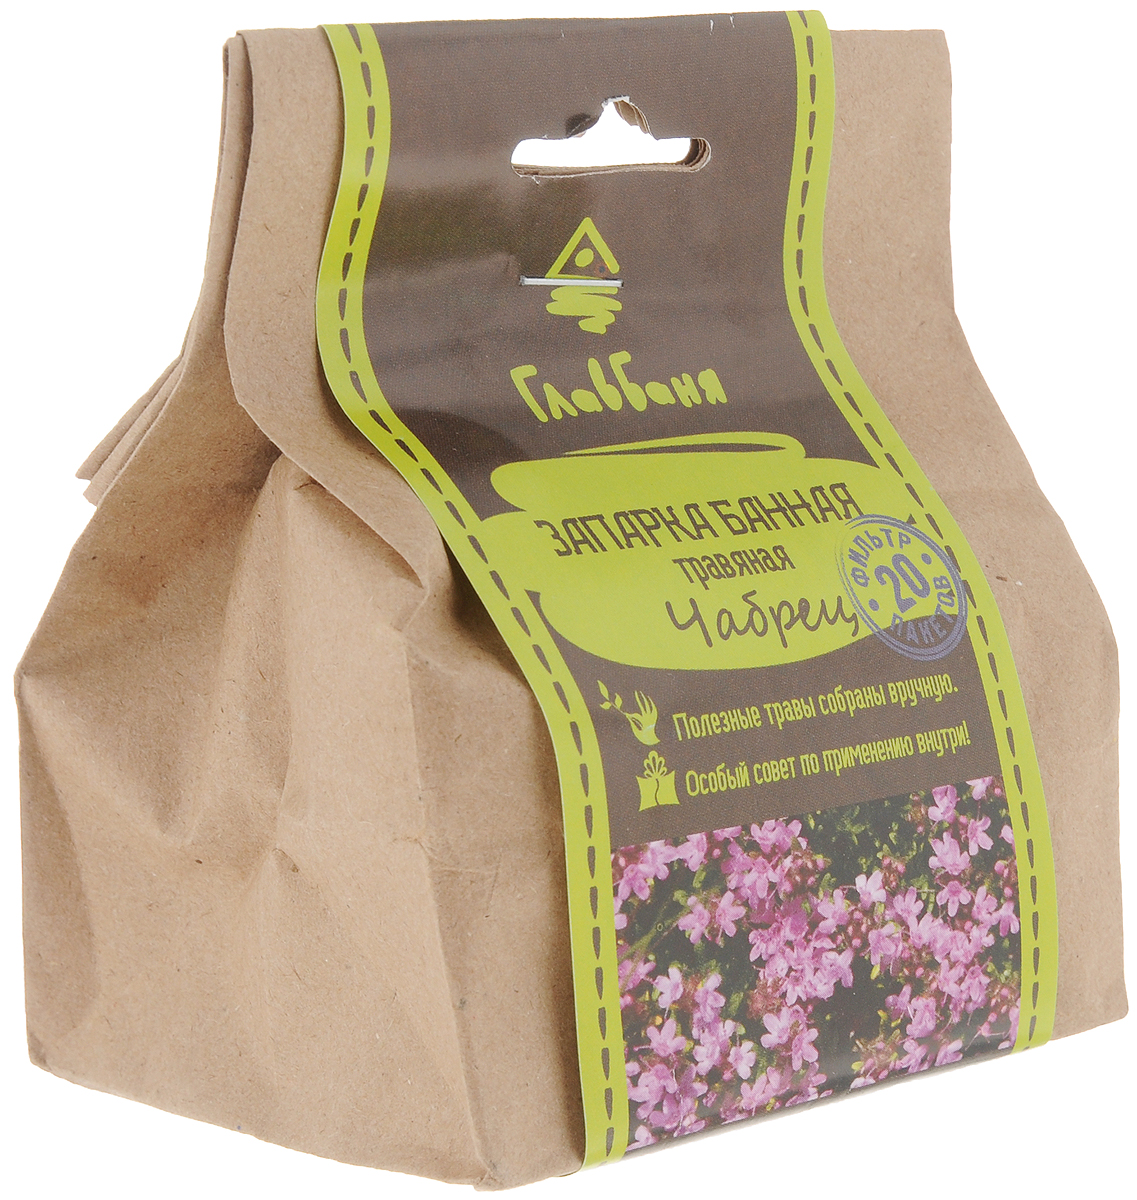 Запарка для бани и сауны Главбаня Чабрец, 20 фильтр-пакетиковK100Главбаня Чабрец - травяная запарка для бани и сауны, которые являются идеальным местом для того, чтобы испытать на себе лечебные свойства трав и сборов. Чабрец обладает детоксицирующим, выраженным антисептическим и противомикробными свойствами, стимулирует кровообращение, нормализует сердечный ритм. Благодаря содержащимся в растениях микроэлементам, витаминам и фитонцидам происходит оздоравливающее воздействие на кожу и весь организм в целом.Настоящие ценители русской бани обязательно оценят аромат и полезные свойства чабреца. Запарку рекомендуют подготавливать за 15 минут до принятия ванны или бани. В емкость с водой (2-5 л) помещается мешочек с травами, закрывается крышкой. Настаивать рекомендуется 15-20 минут. Запарку можно применять для компрессов, ополаскивания тела и волос. Для придания аромата можно полить немного отвара на раскаленные камни.Количество фильтр-пакетиков: 20 шт.Товар сертифицирован.